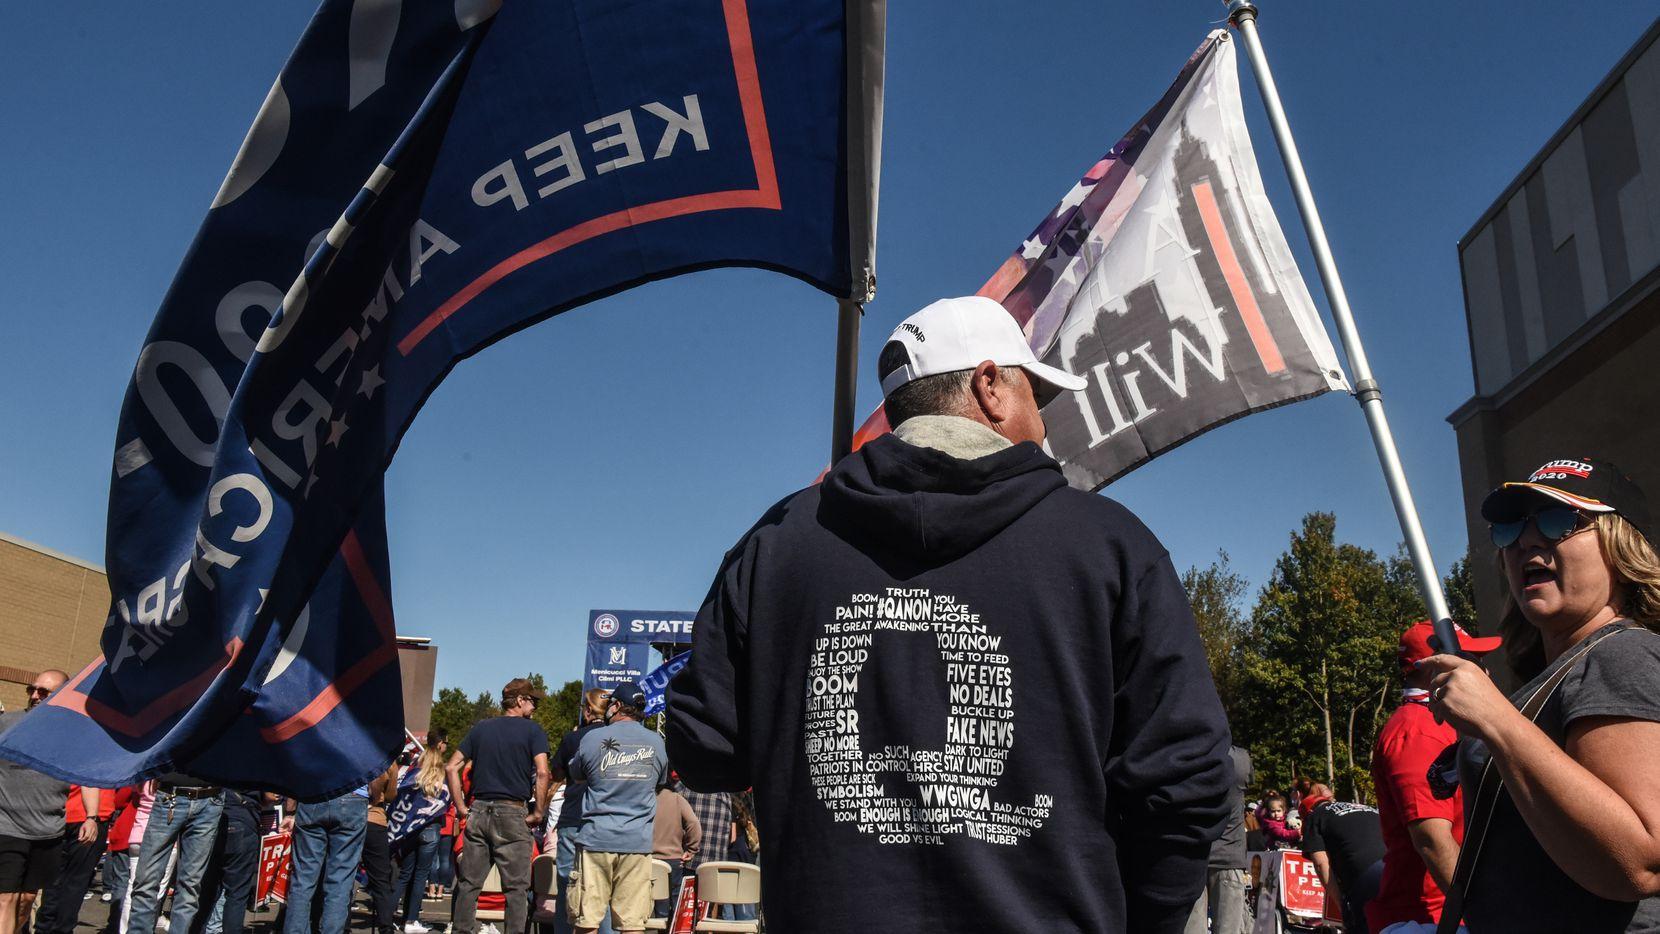 Una persona viste una sudadera y el símbolo de QAnon en un evento de apoyo a Donald Trump en Staten Island, New York, durante la pasada campaña electoral.